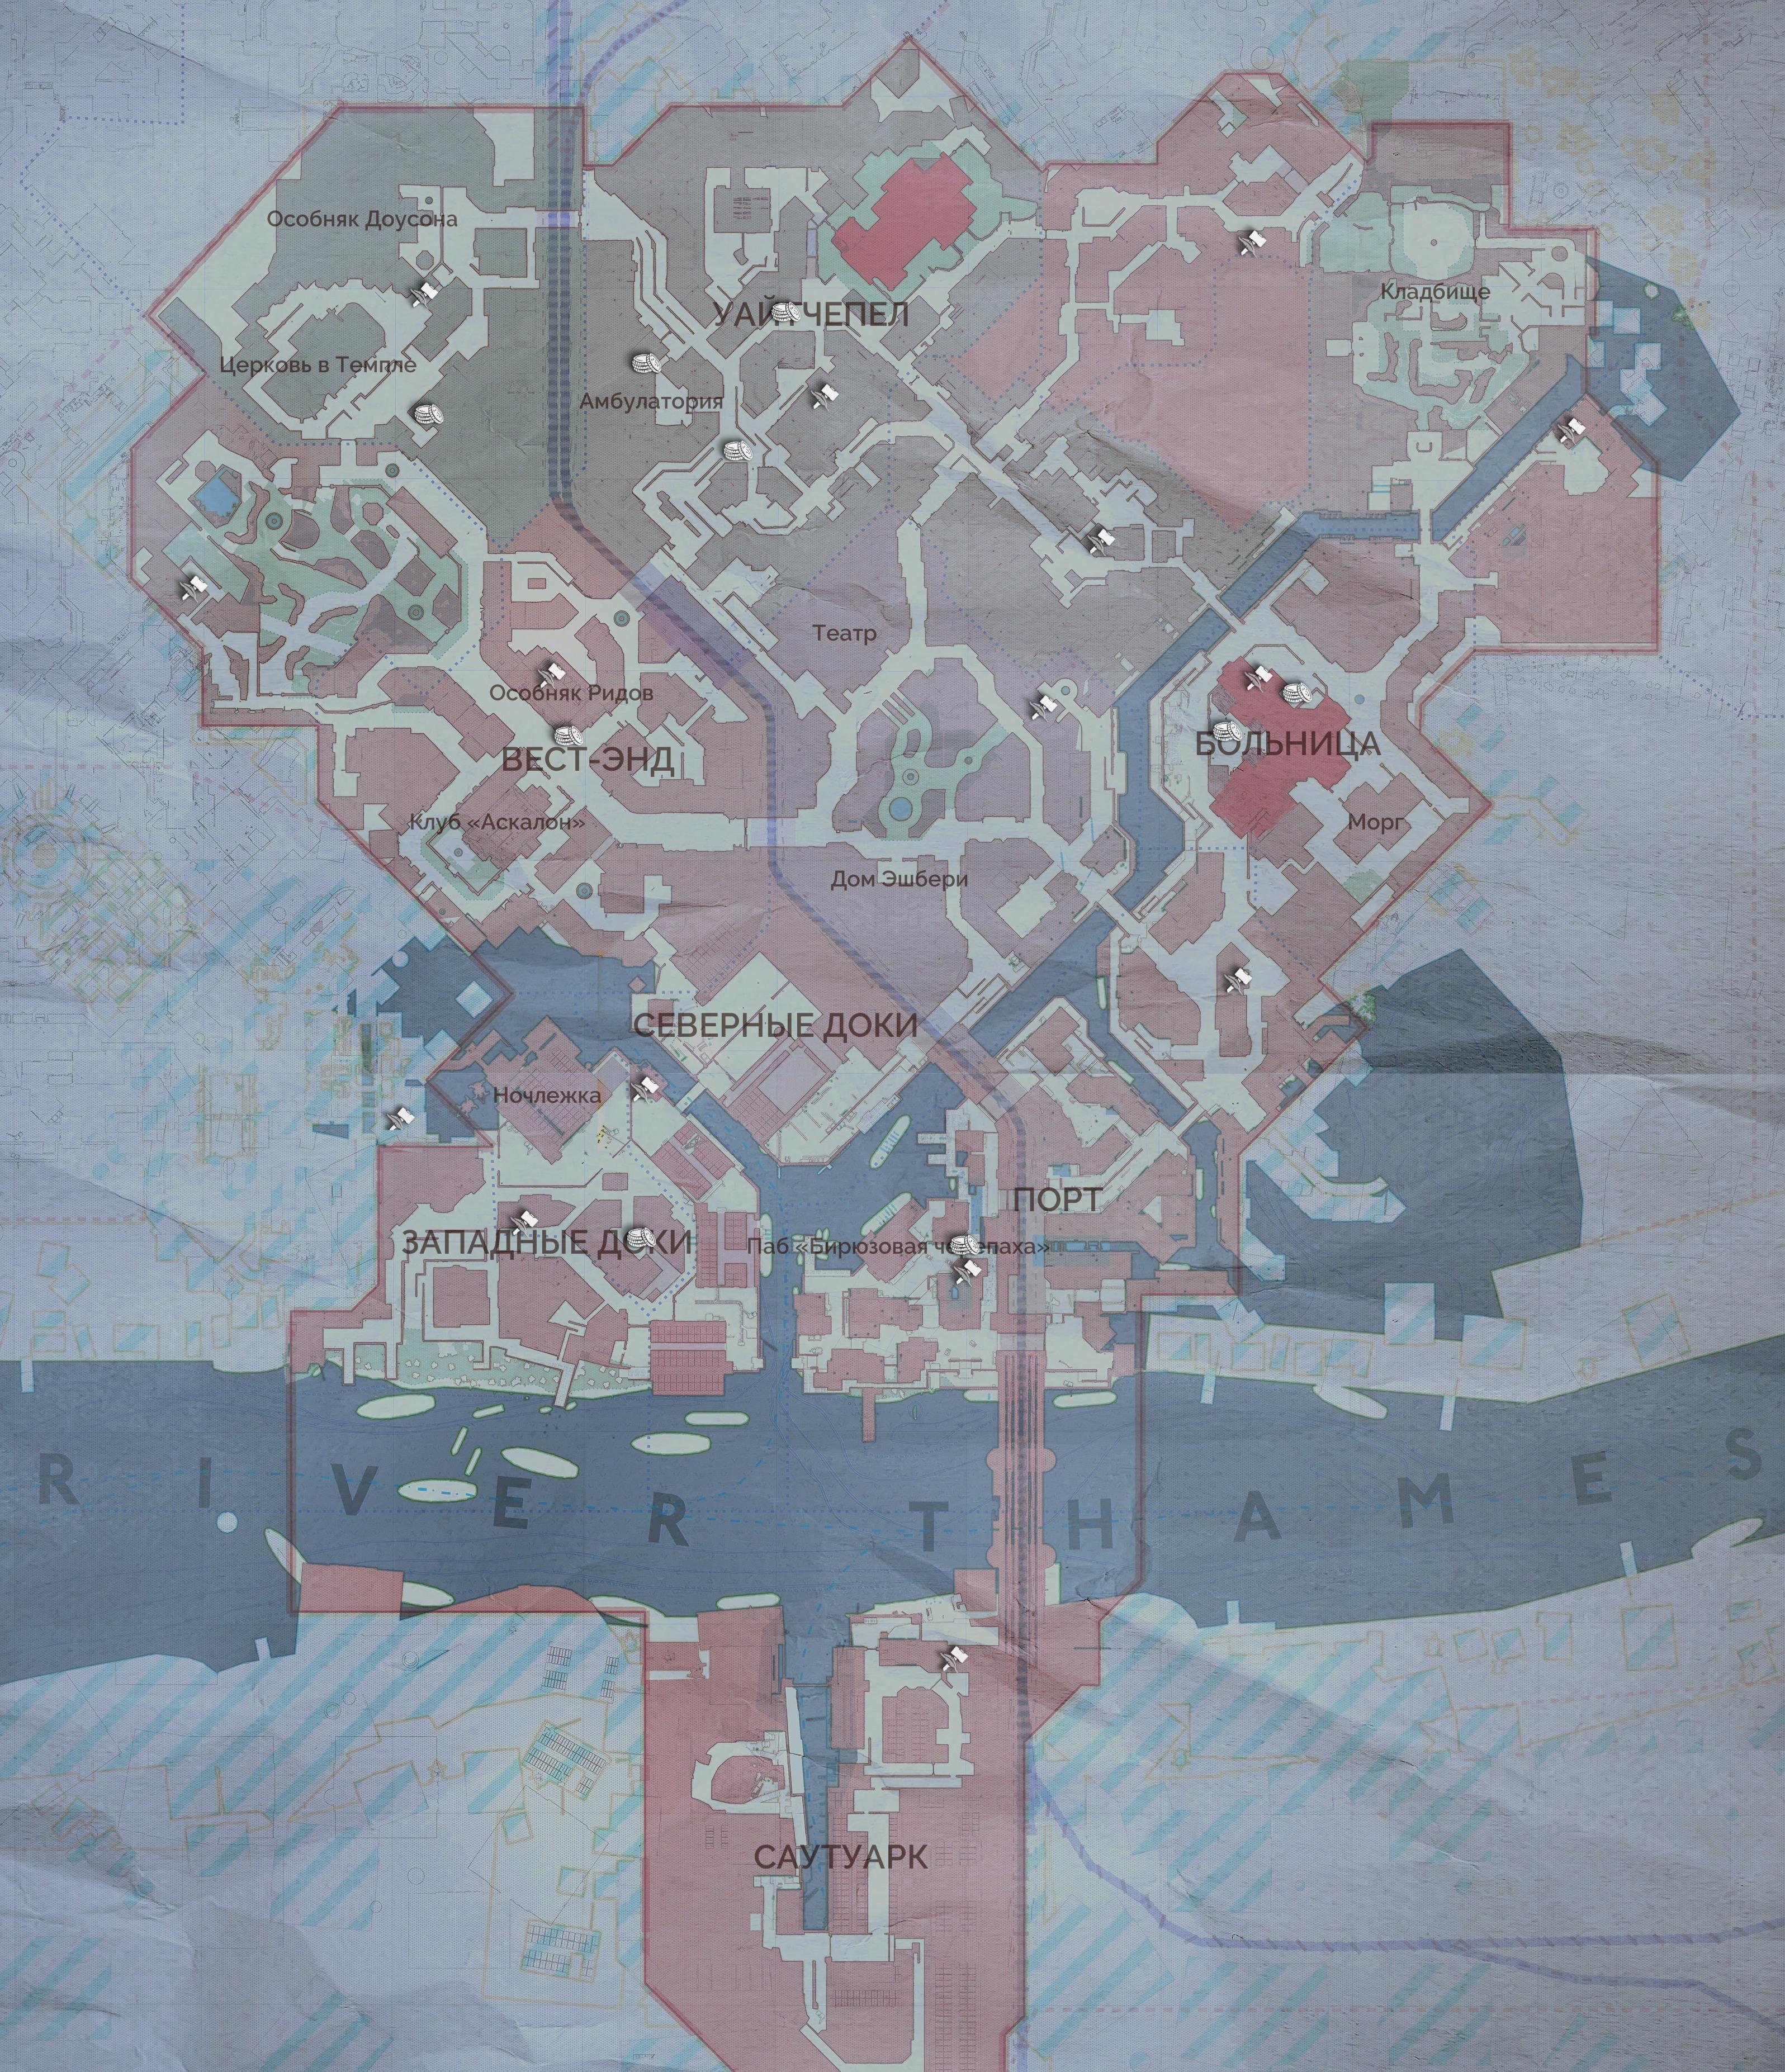 Карта Лондона - Vampyr